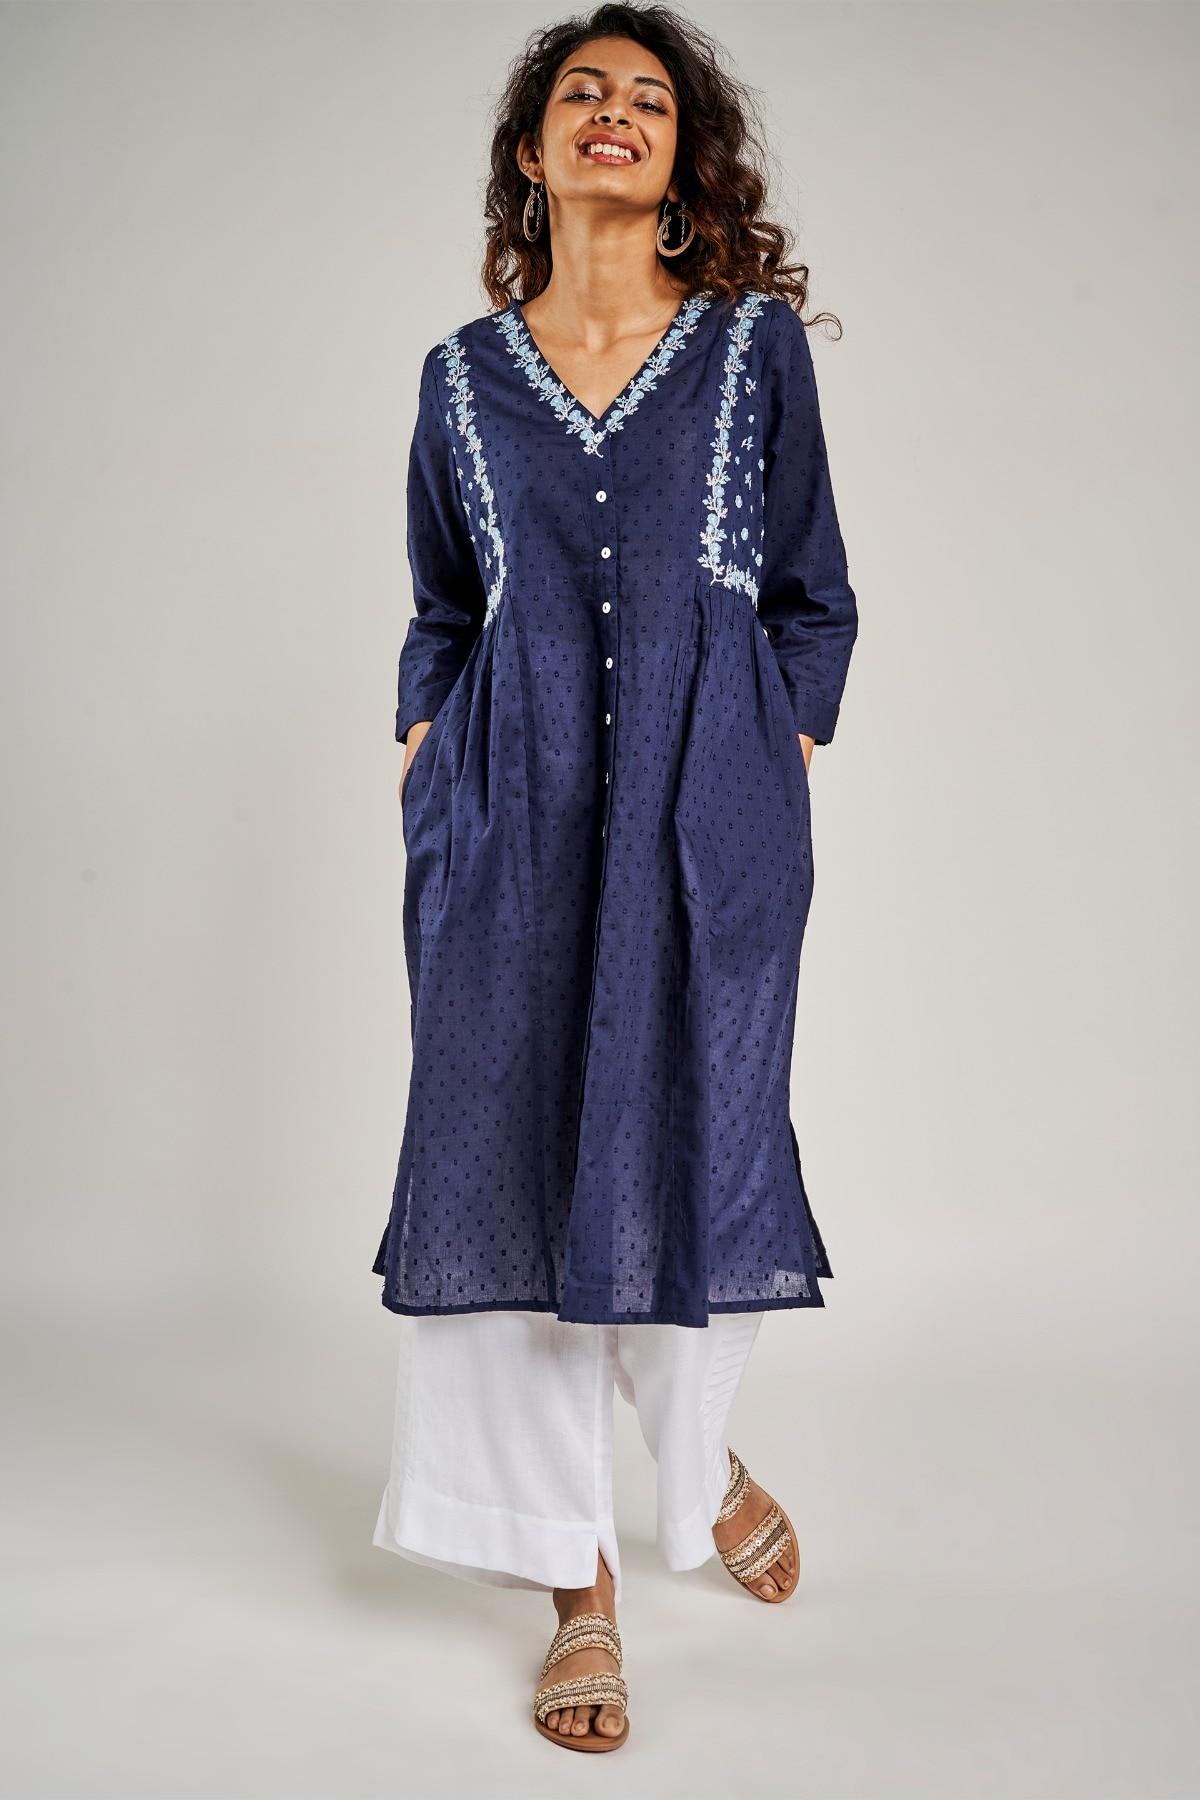 Global Desi | Navy Blue Self Design Embroidered Kurta